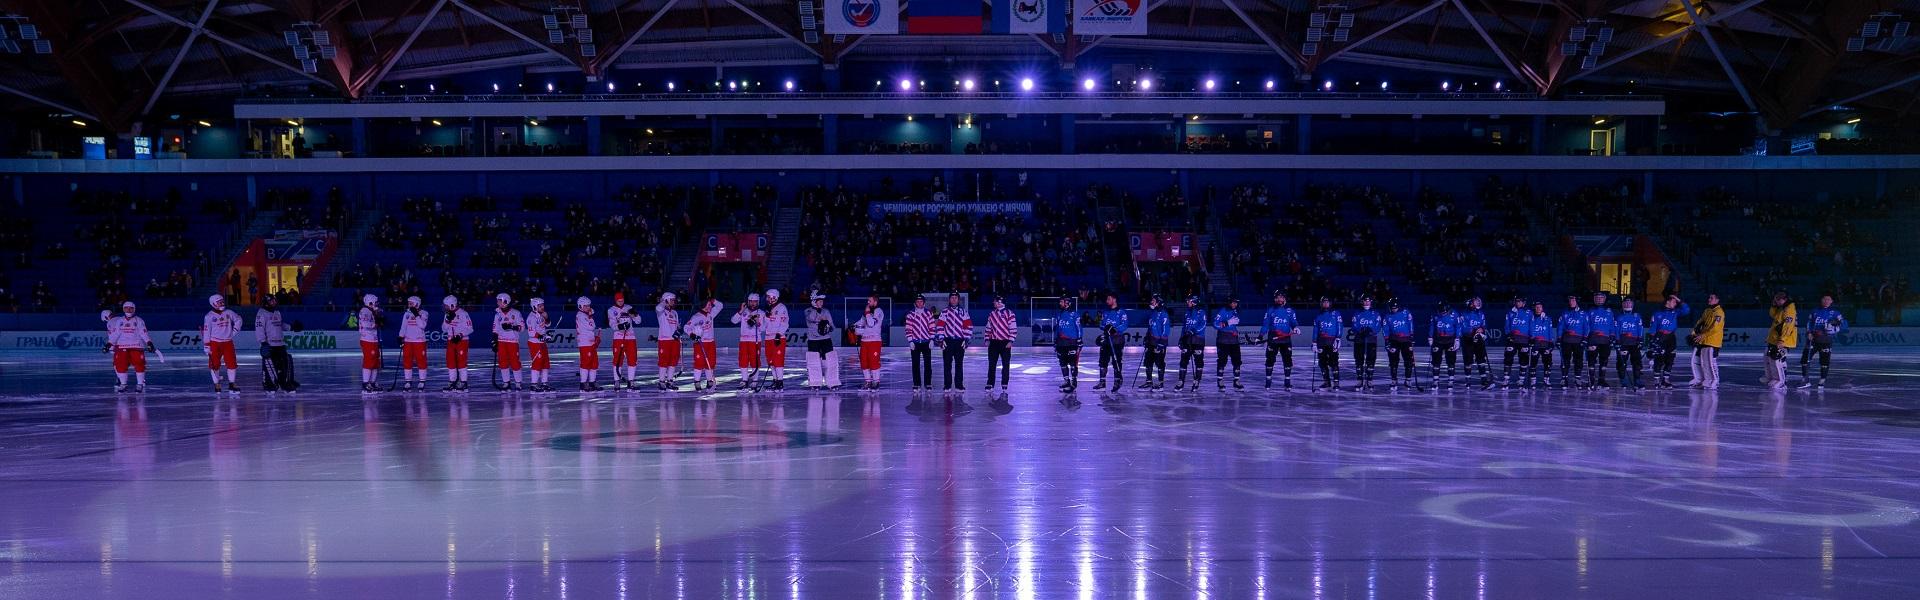 Первая встреча со зрителями: «Байкал-Энергия» порадовала болельщиков игрой